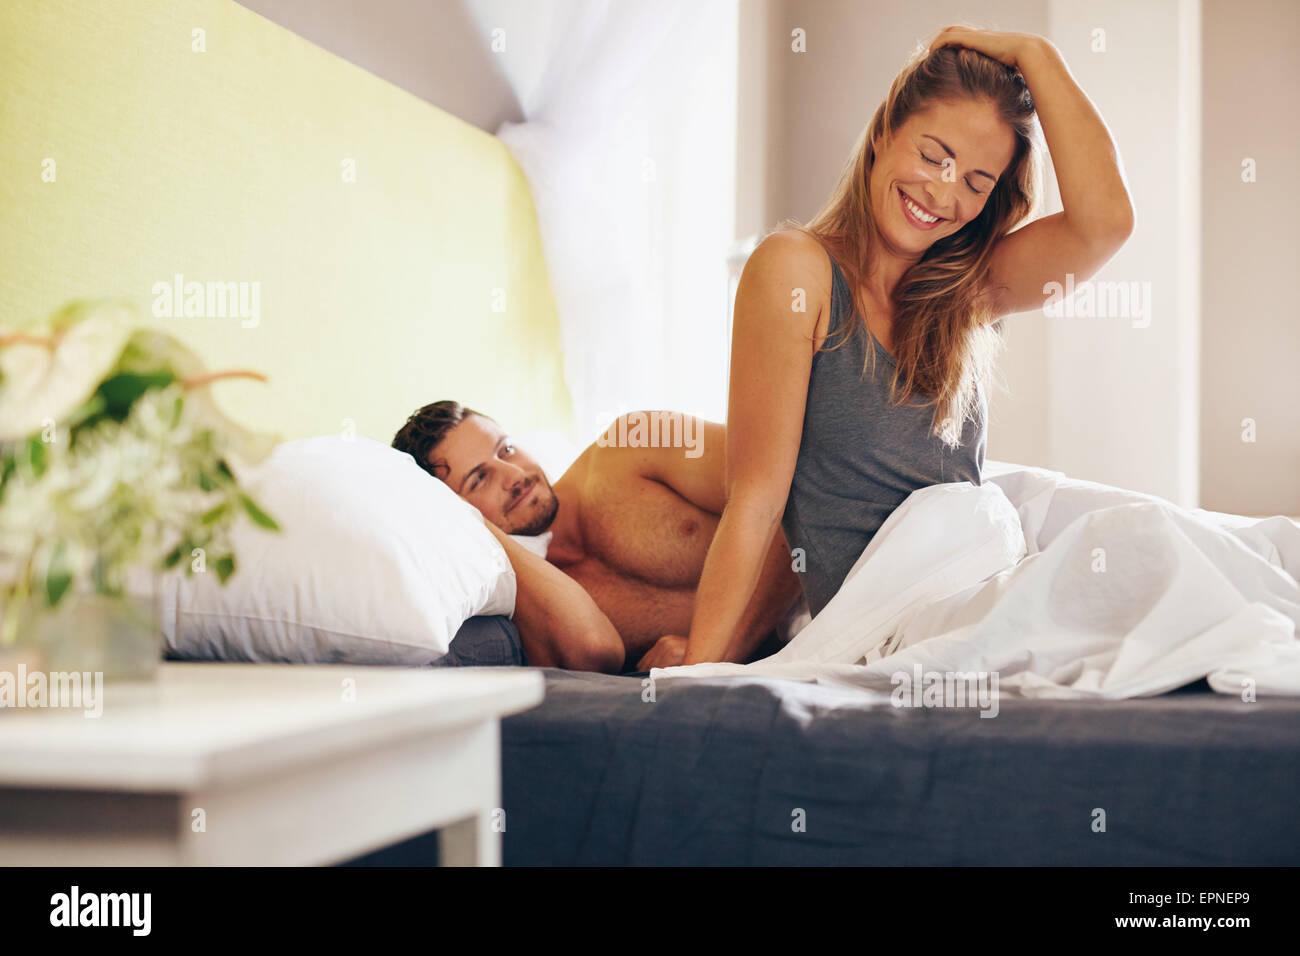 Glückliches junges Paar morgens am Bett aufwachen. Junger Mann und Frau lächelnd, entspanntes Gefühl Stockbild